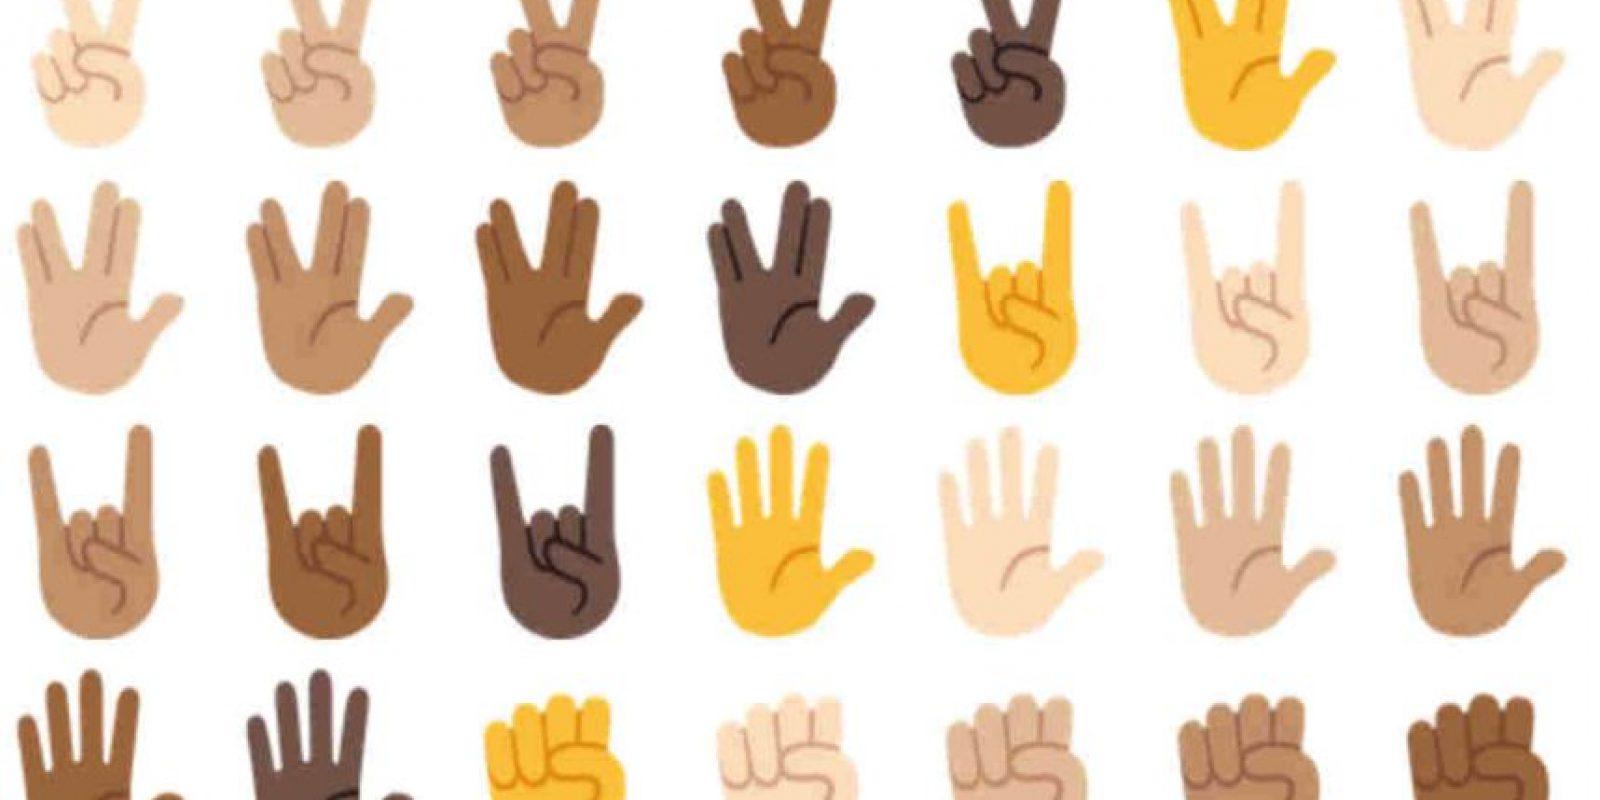 Hace tiempo iOS también presentó este tipo de emoticones. Foto:Emojipedia. Imagen Por: